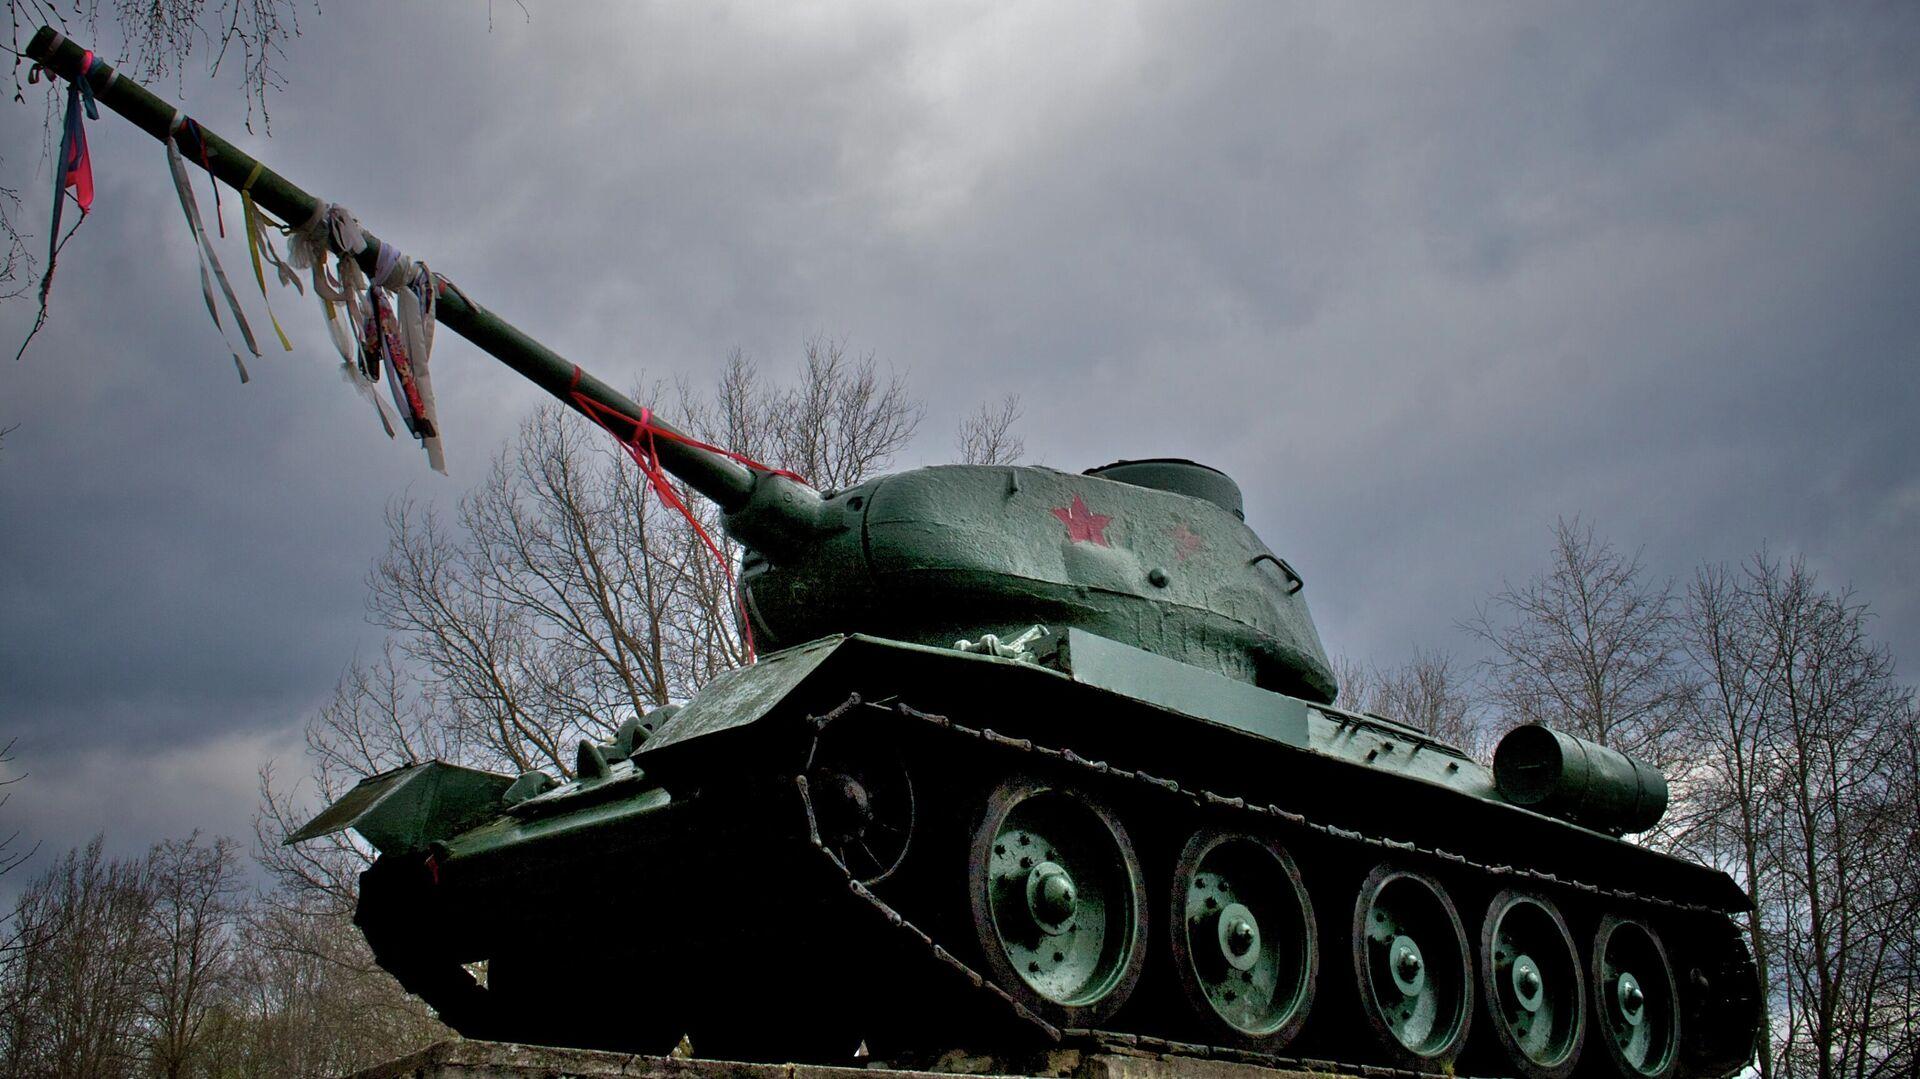 Танк Т-34, установленный между Нарвой и Нарва-Йыэсуу  - РИА Новости, 1920, 02.03.2021